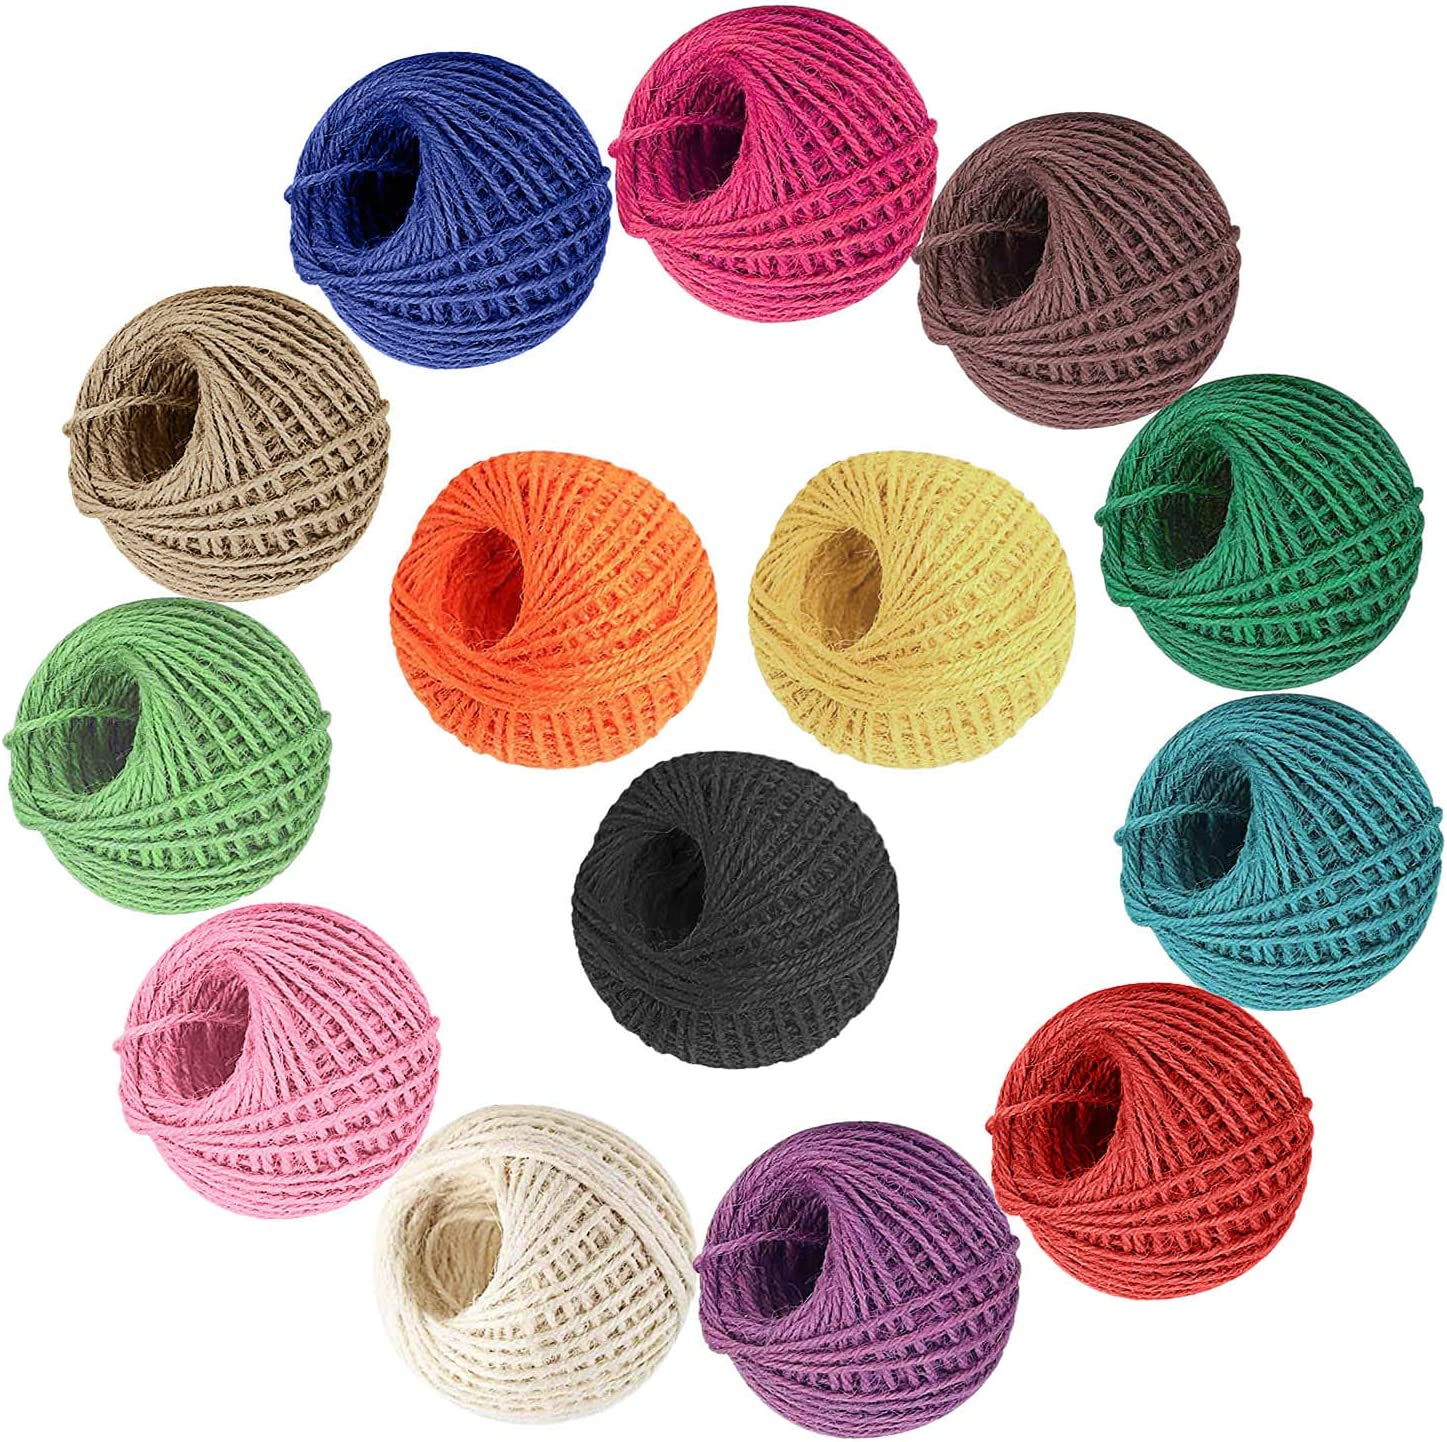 Artesan/ía de Bricolaje Cuerda de Yute Colores Jard/ín Deco Regalos Diealles Shine 14 Colores Cuerda de Yute 2mm 3 Capas para Obras de Arte 350m en Total Decoraci/ón Paquetes